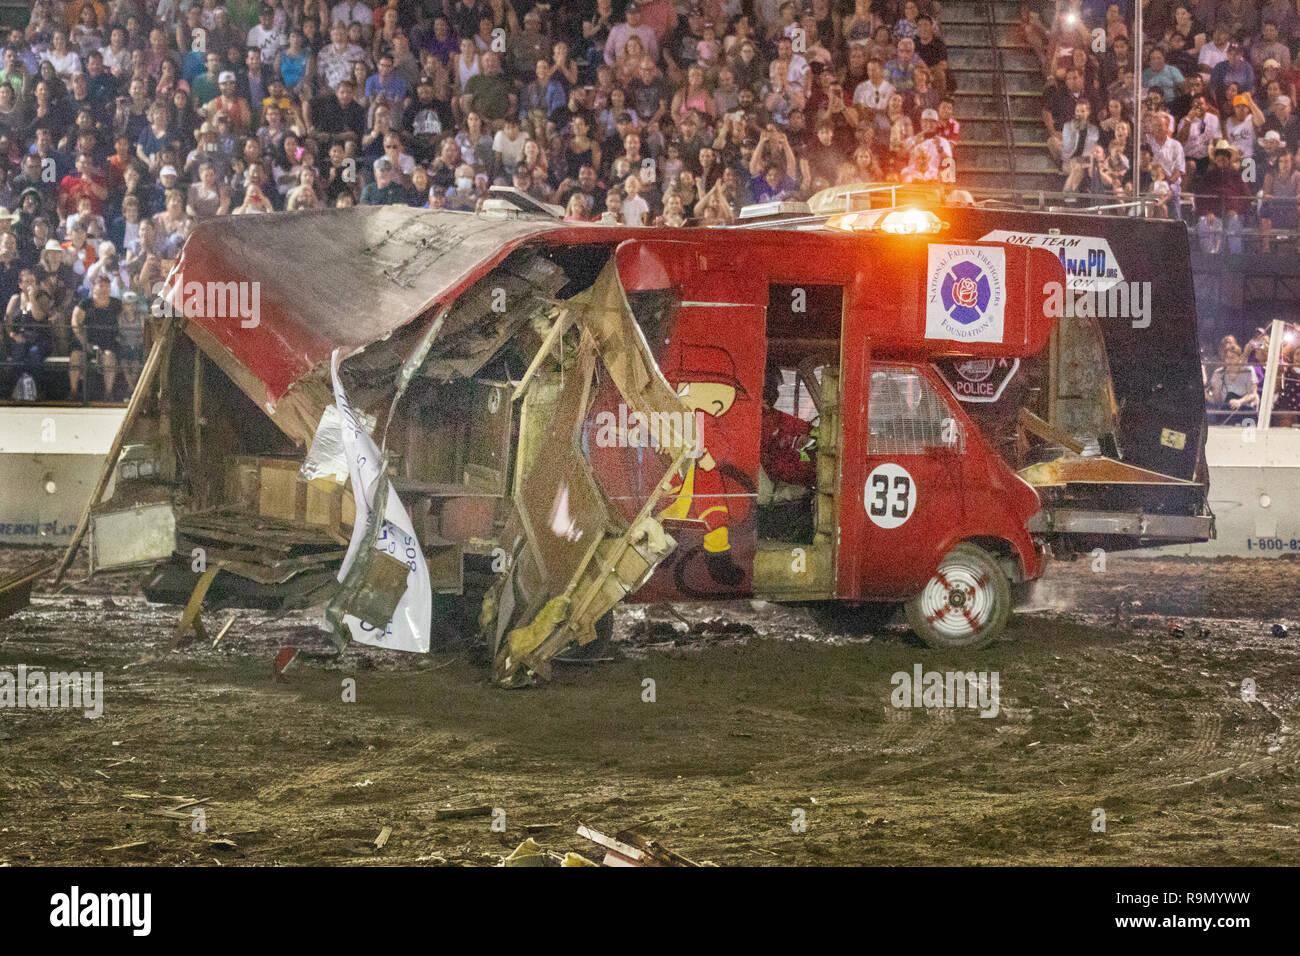 Motor homes blocage dans un démo de nuit un derby à Costa Mesa, CA, le stade d'un grand auditoire. Photo Stock